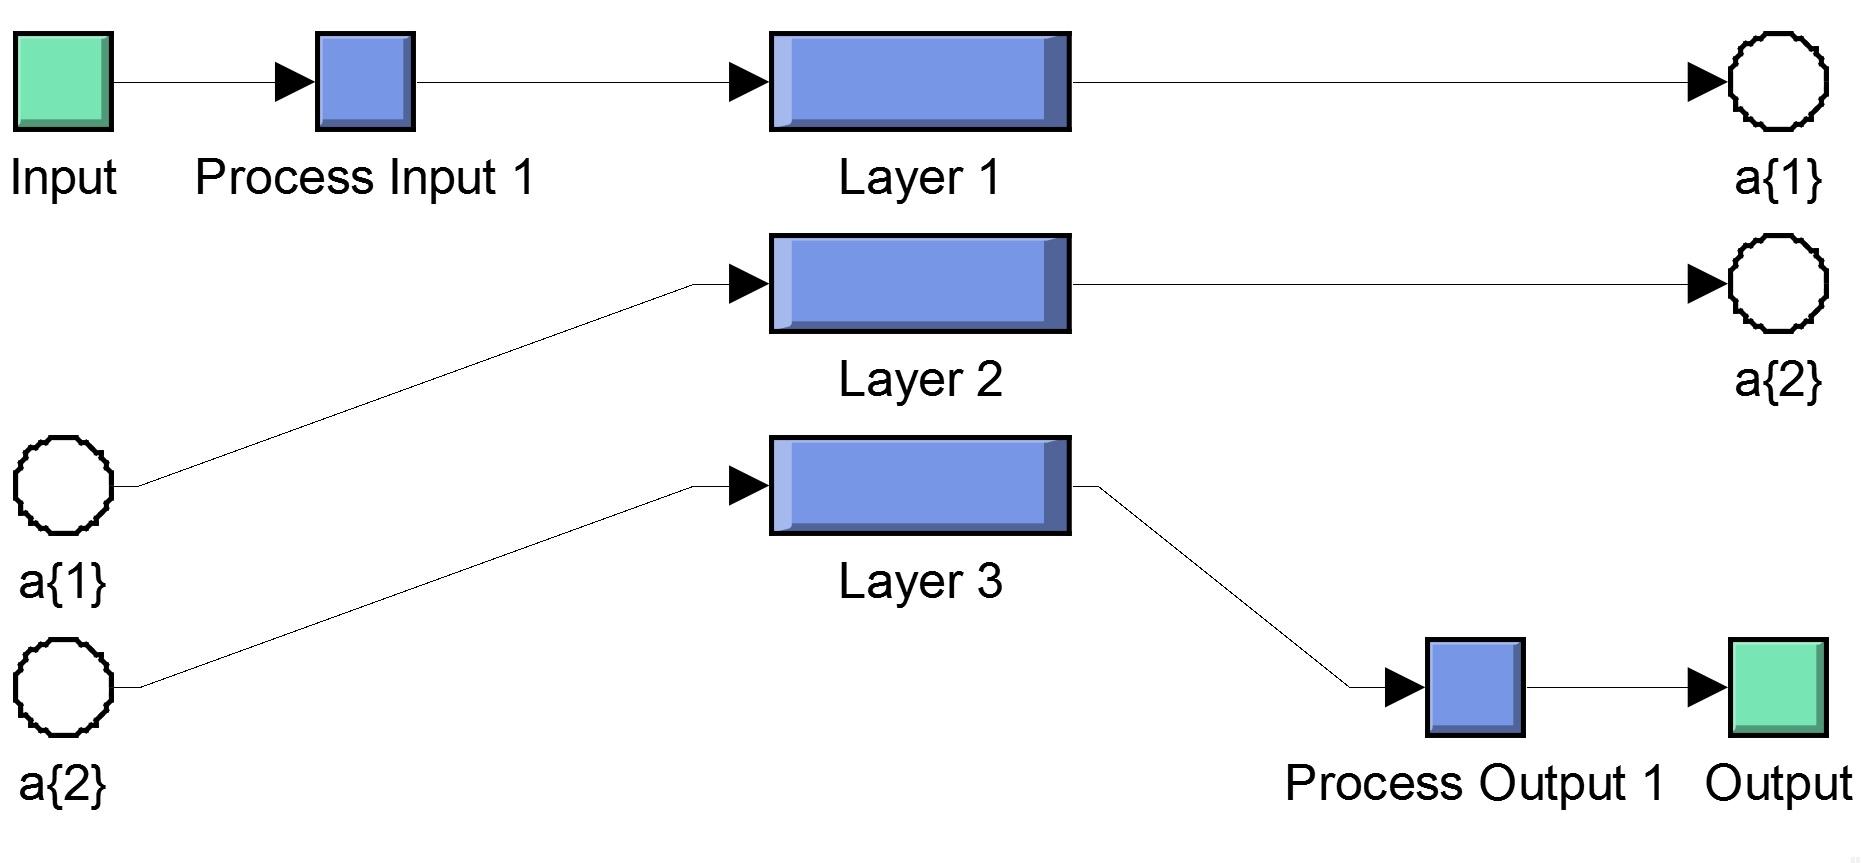 شبیه سازی موتور القایی و کنترل سرعت آن به روش بدون سنسور مبتنی بر تخمین گر (با استفاده از شبکه های عصبی)2